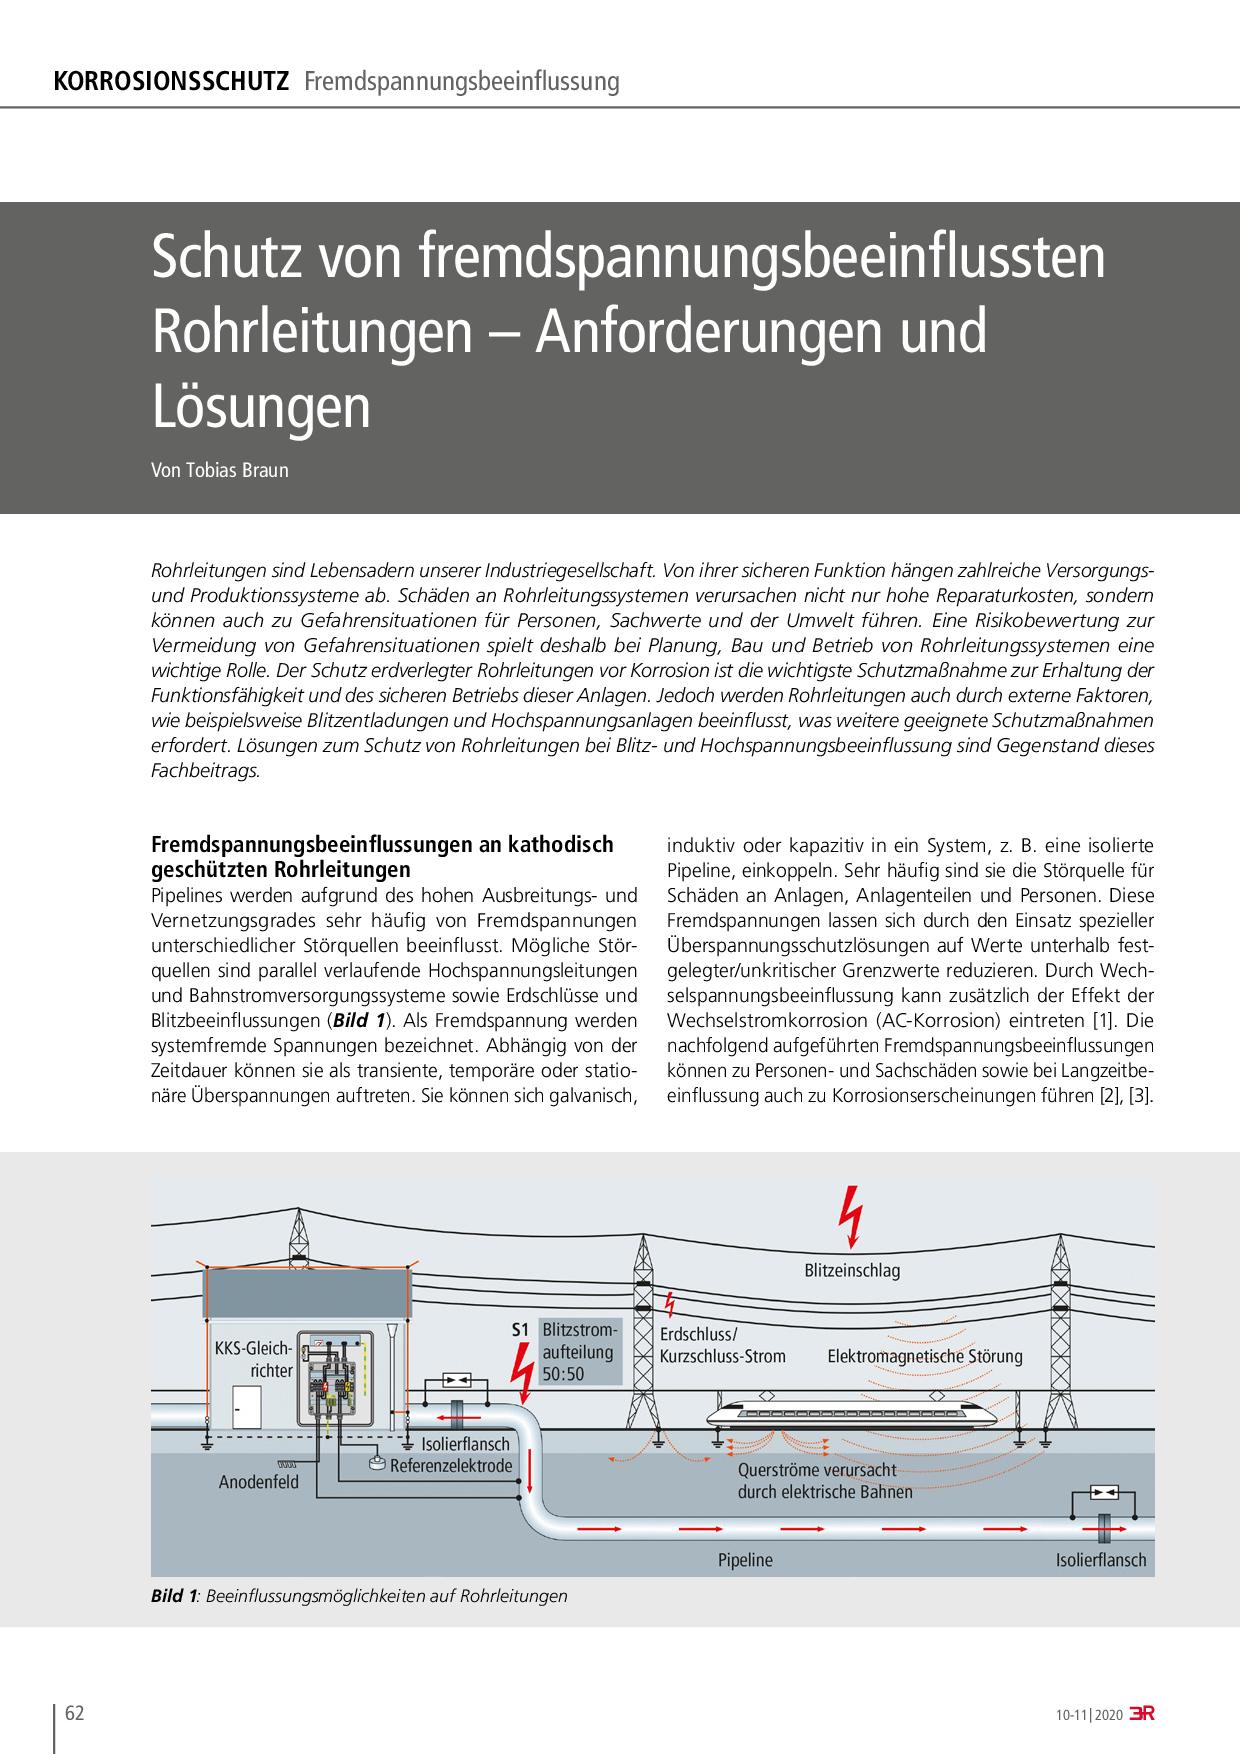 Schutz von fremdspannungsbeeinflussten Rohrleitungen – Anforderungen und Lösungen